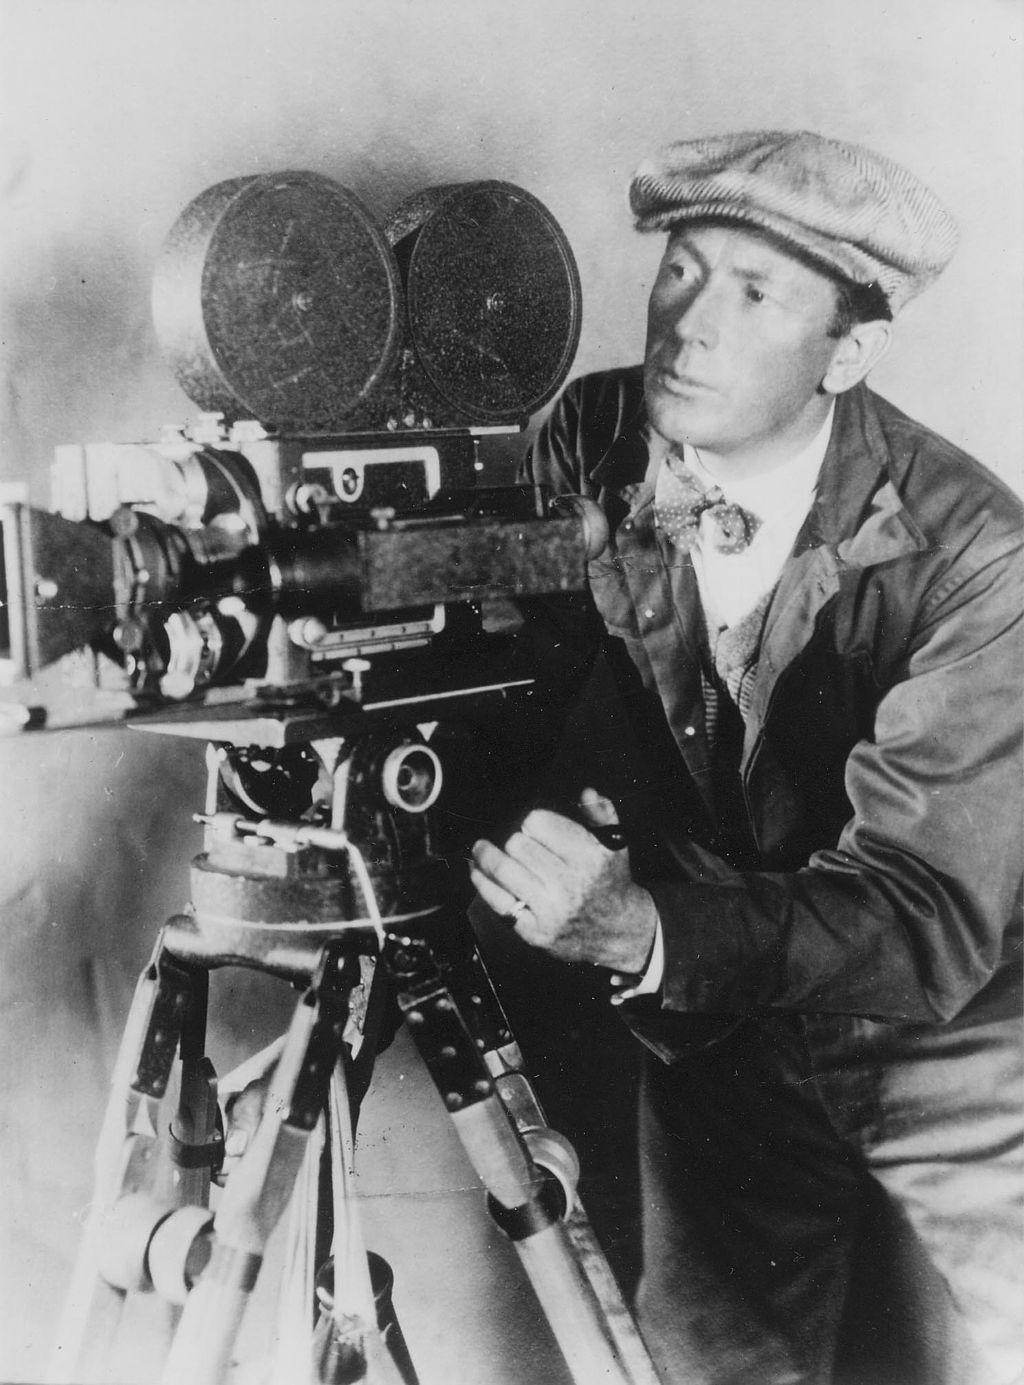 F.W. Murnau, from Wikimedia Commons